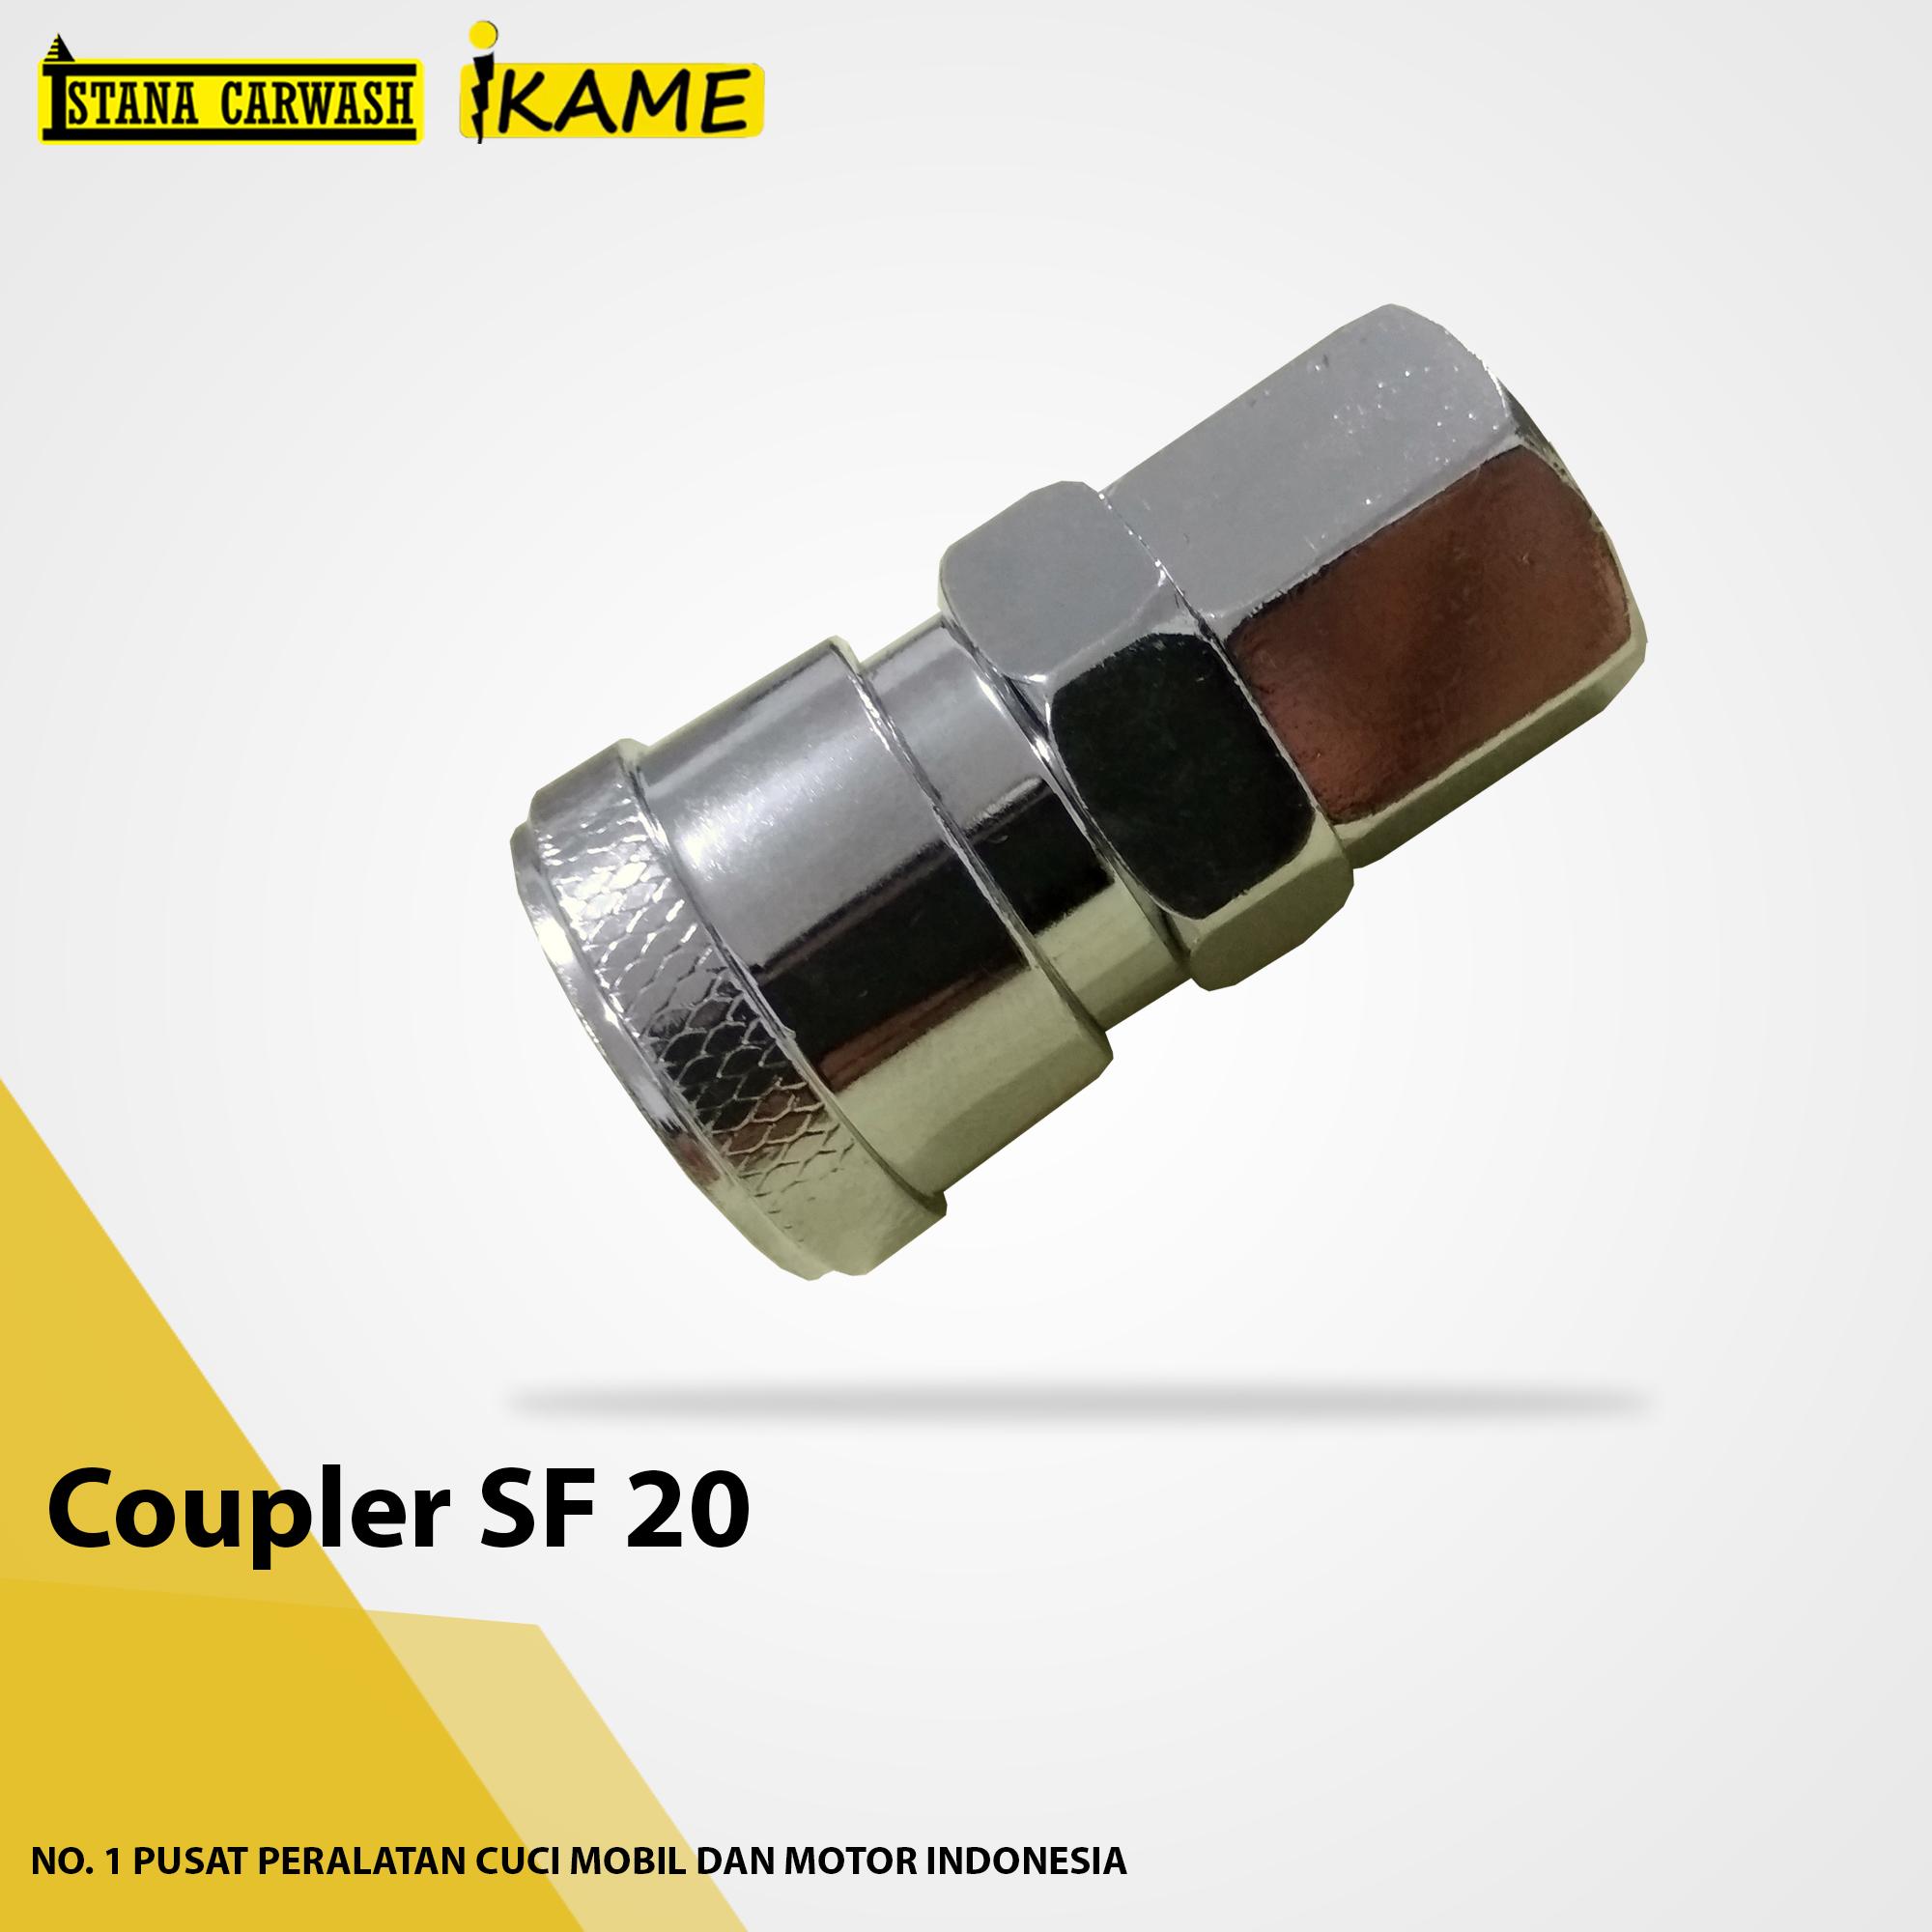 Coupler SF 20